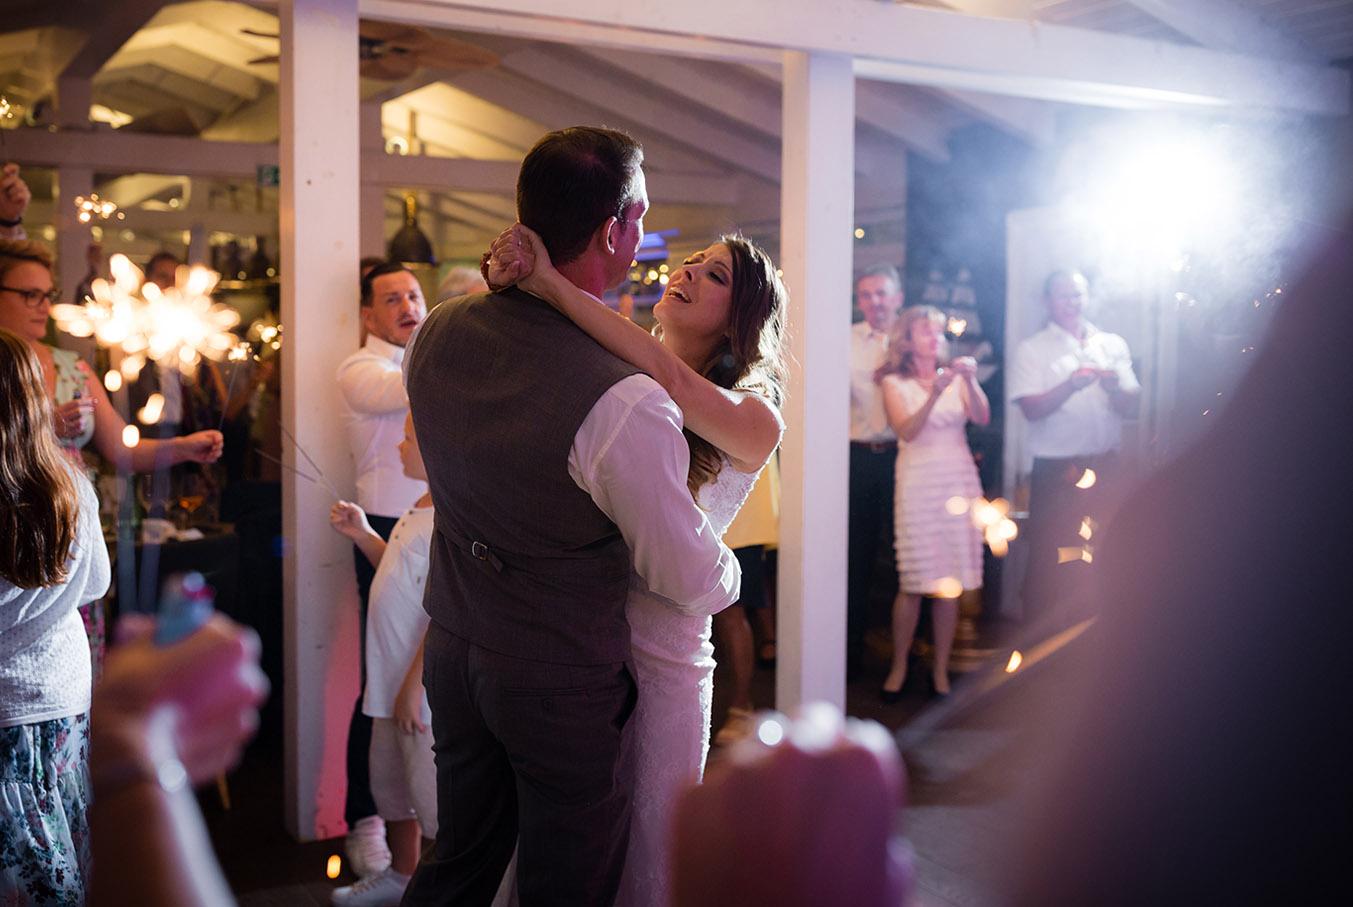 Vienna_Wien_Atzenbrugg_Hochzeit_Paar_Verlobung_Engagement_74